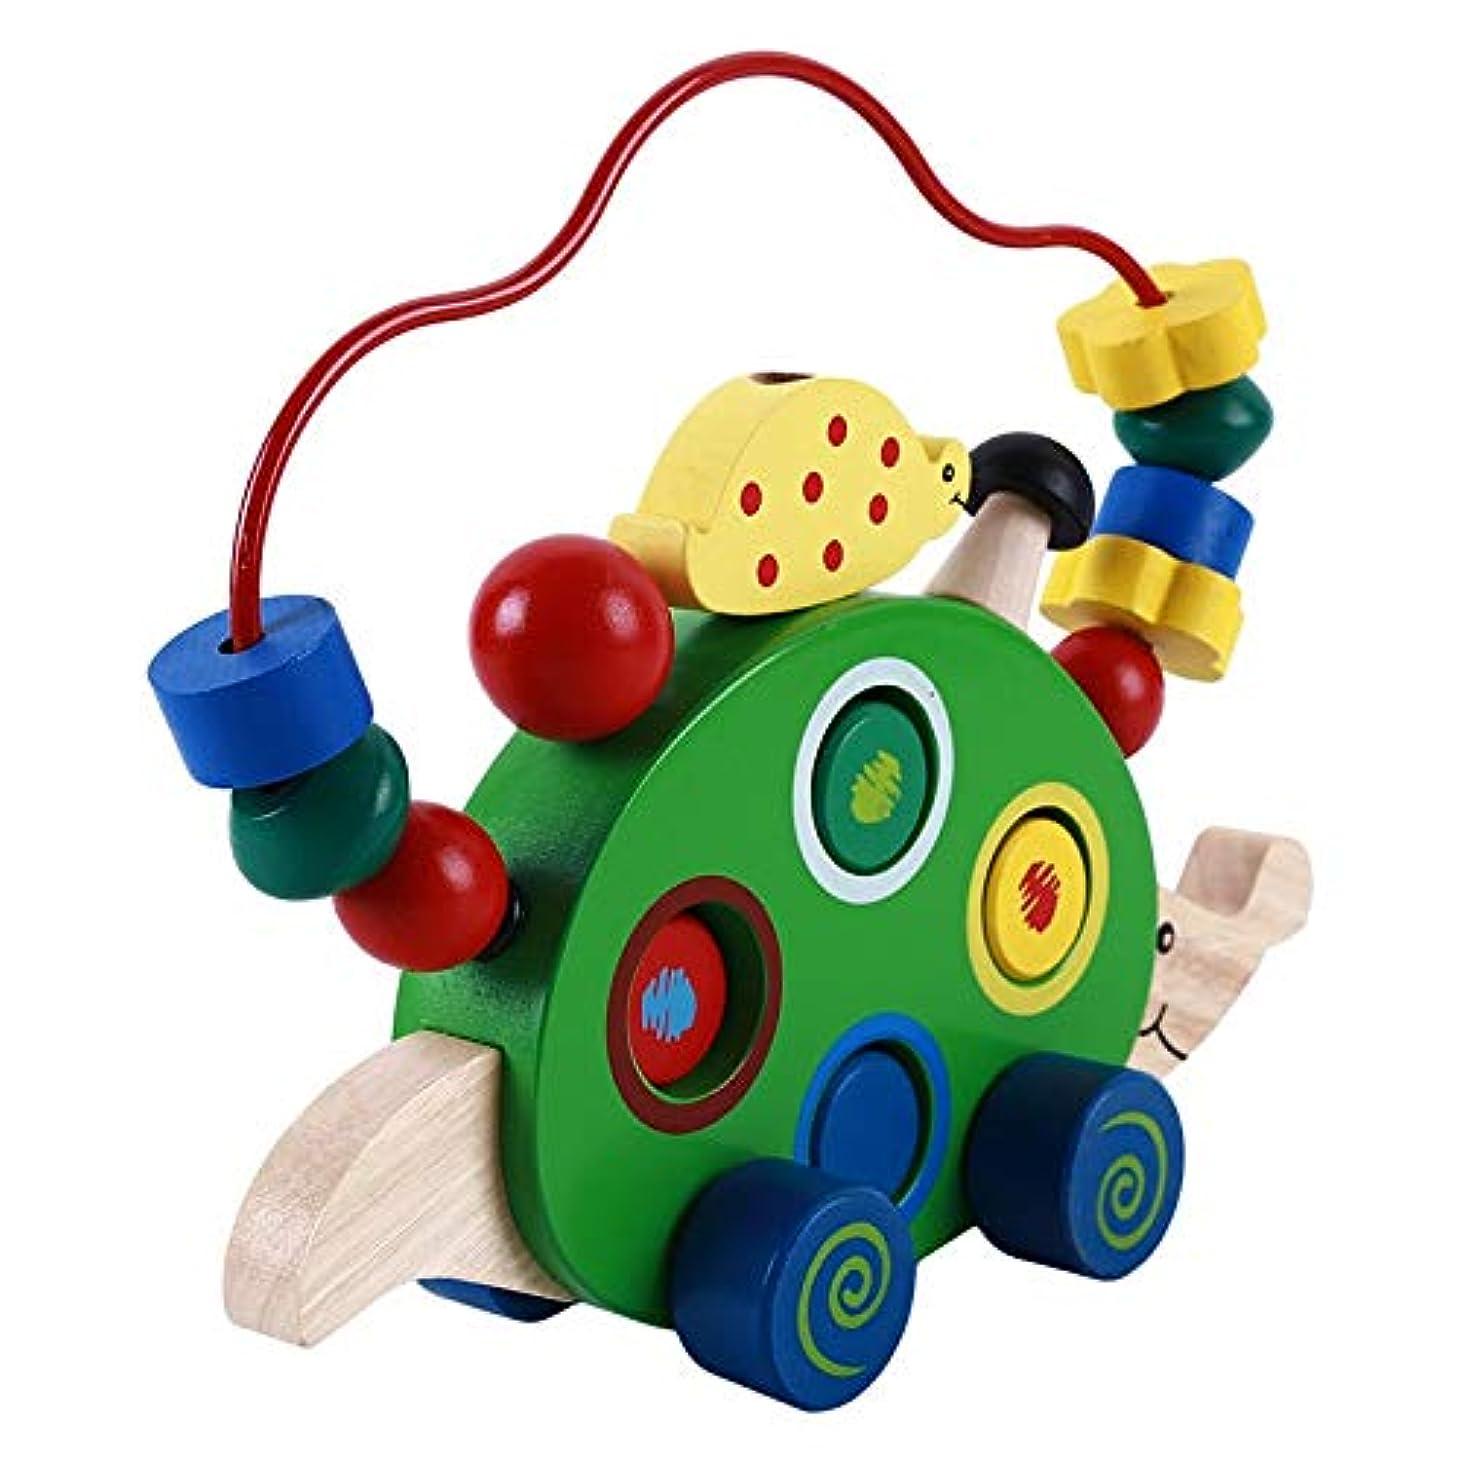 指定する便利たっぷりChirldren のおもちゃ木製ハリネズミプル車のビーズ子供の教育玩具木製ドラッグ動物おもちゃ